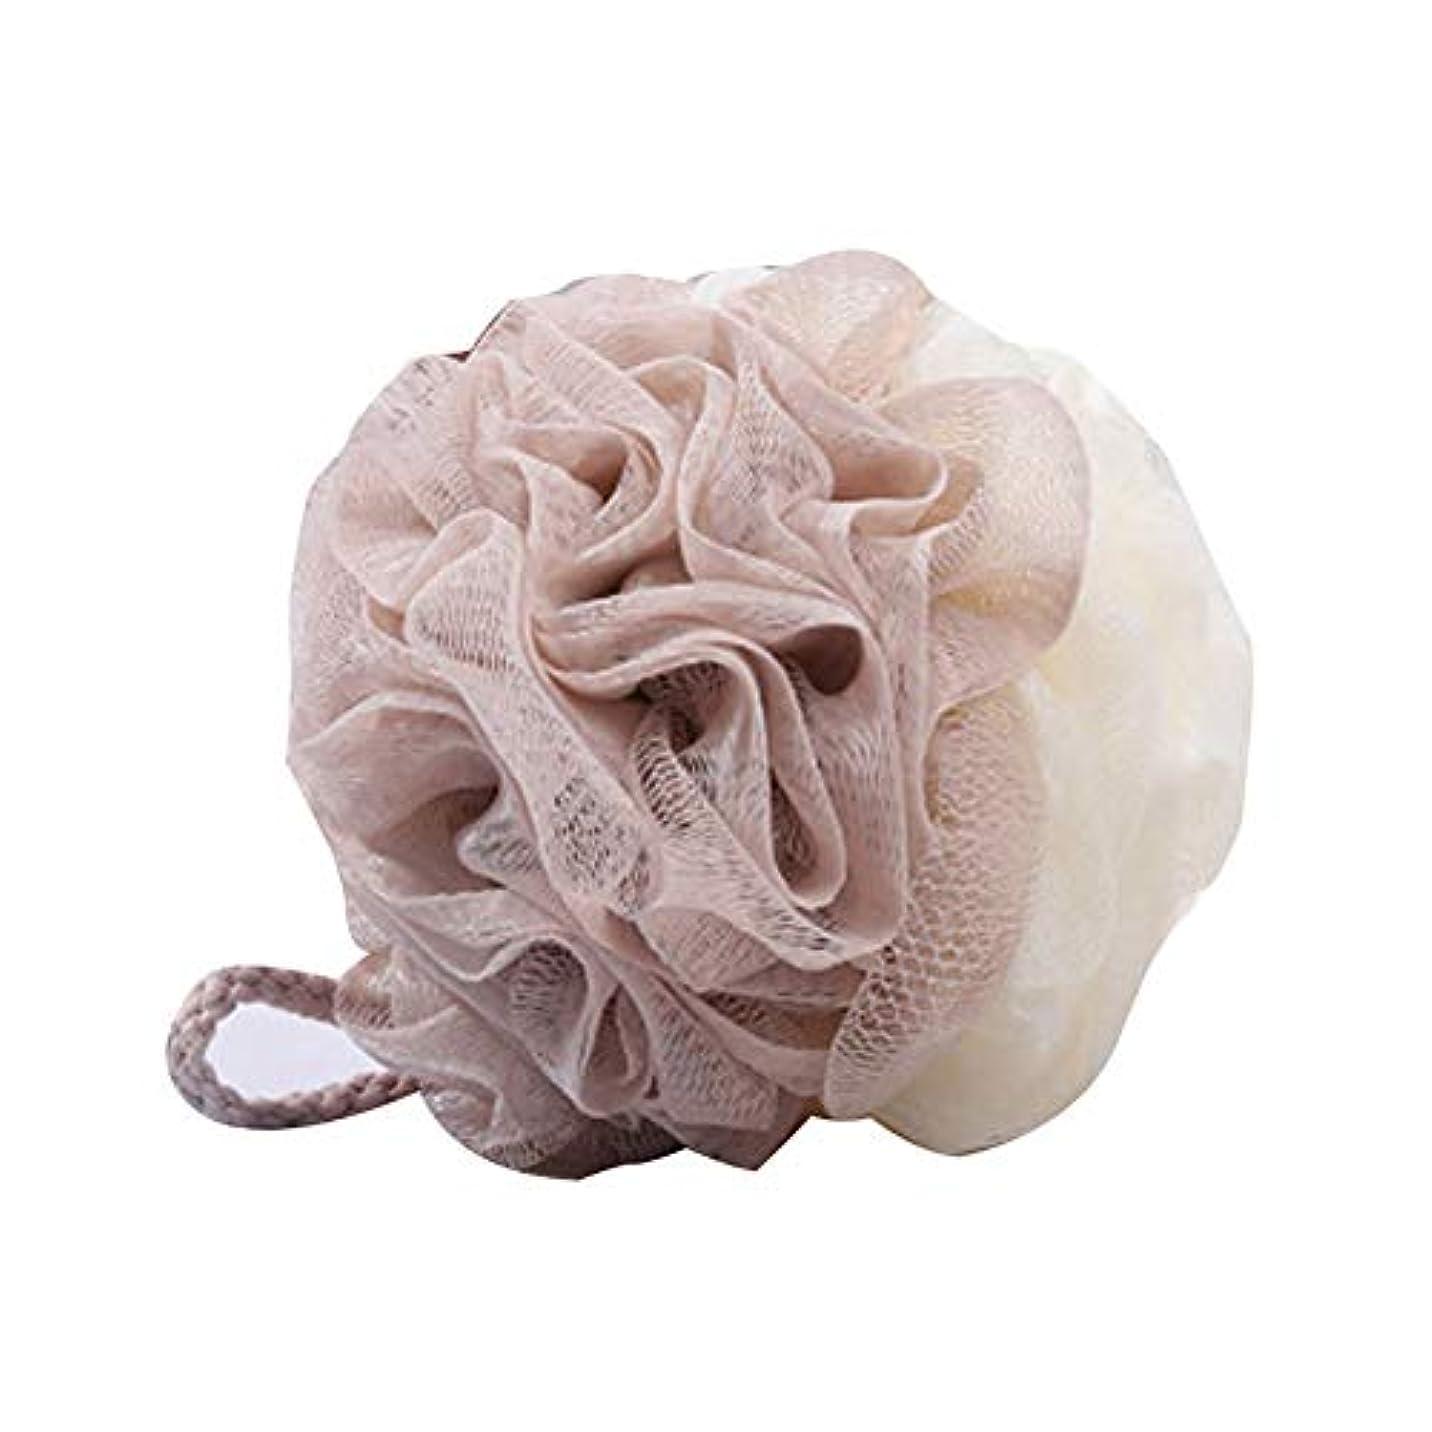 ボトルネック区別する母性Wolix ランヤードフラワーリッチフォームスポンジスクラブバブルバスボール付き2色マッチングバスボールバスブラシ